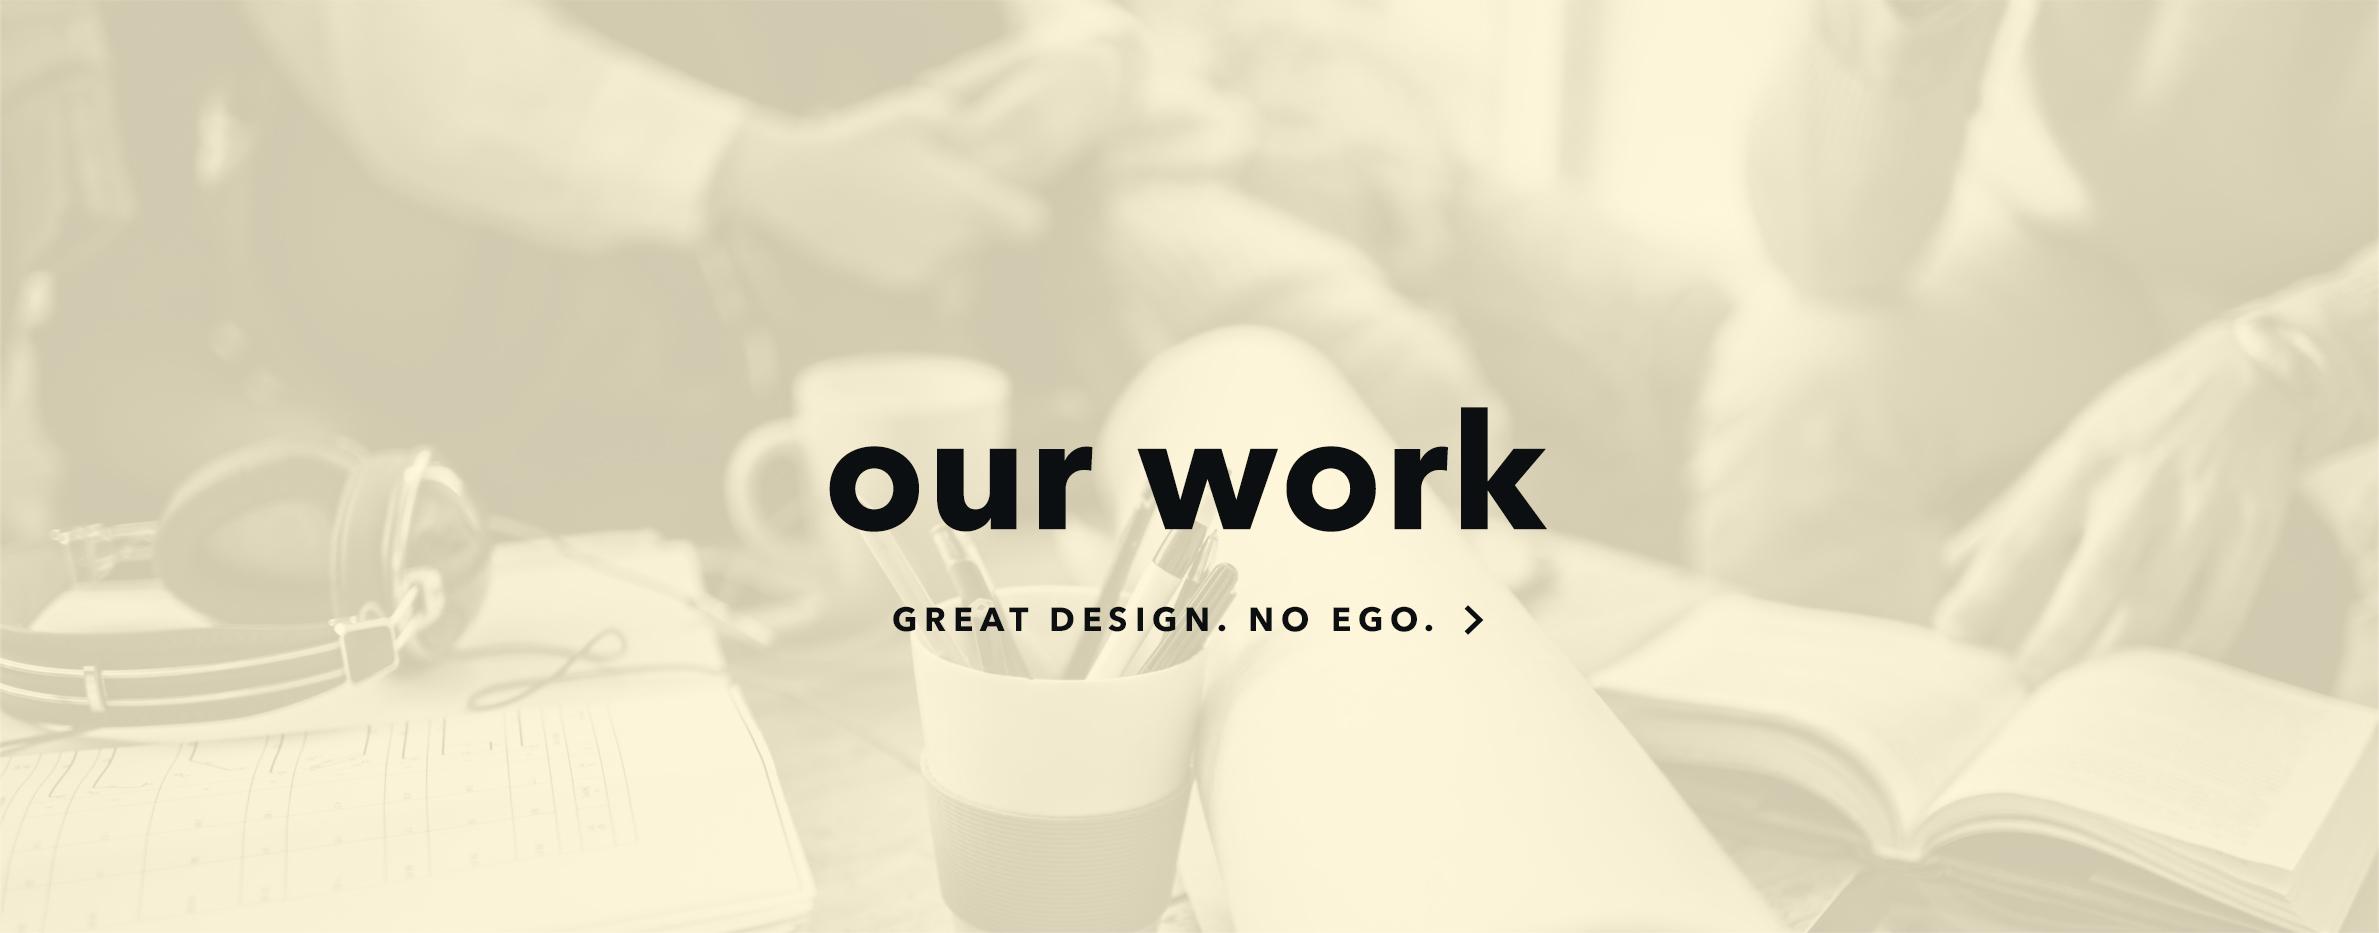 Homepage_Work_V2.jpg